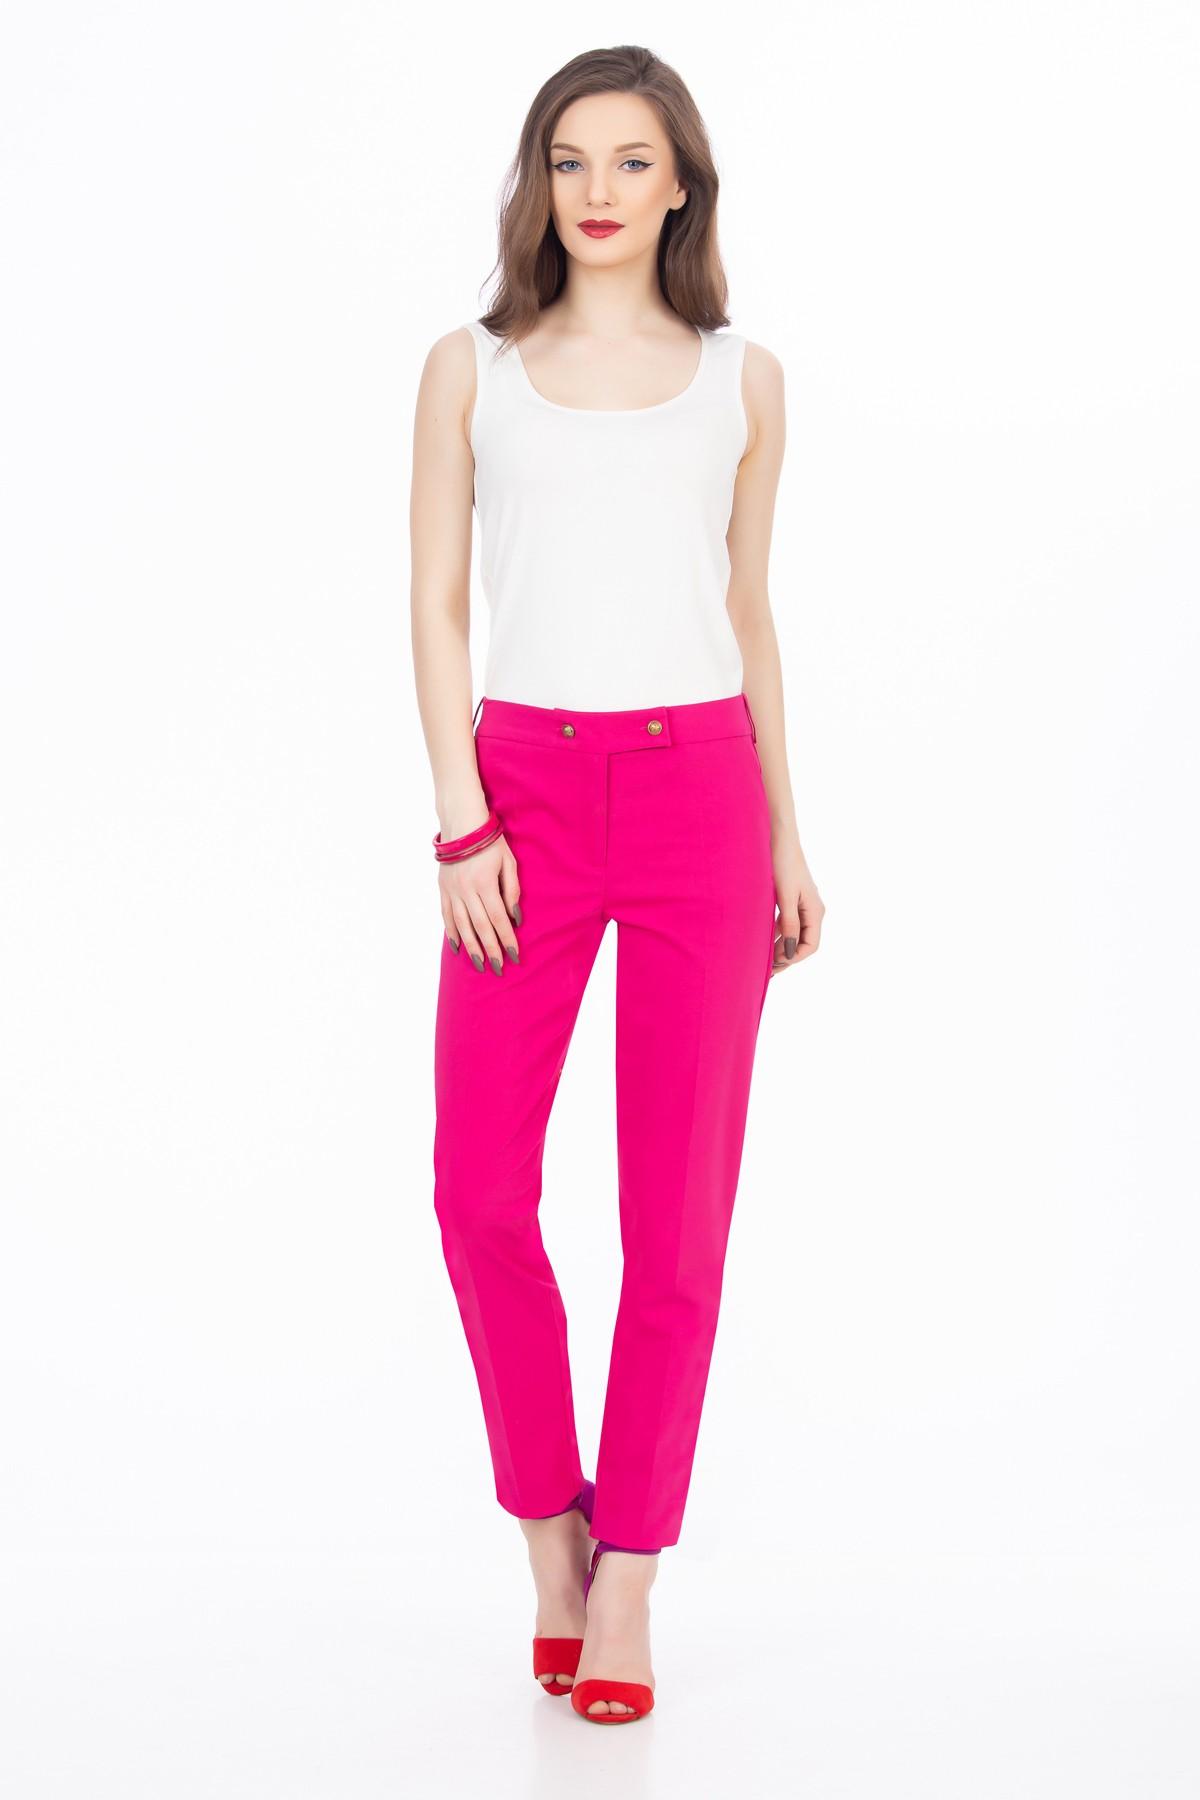 pantaloni-roz-sense